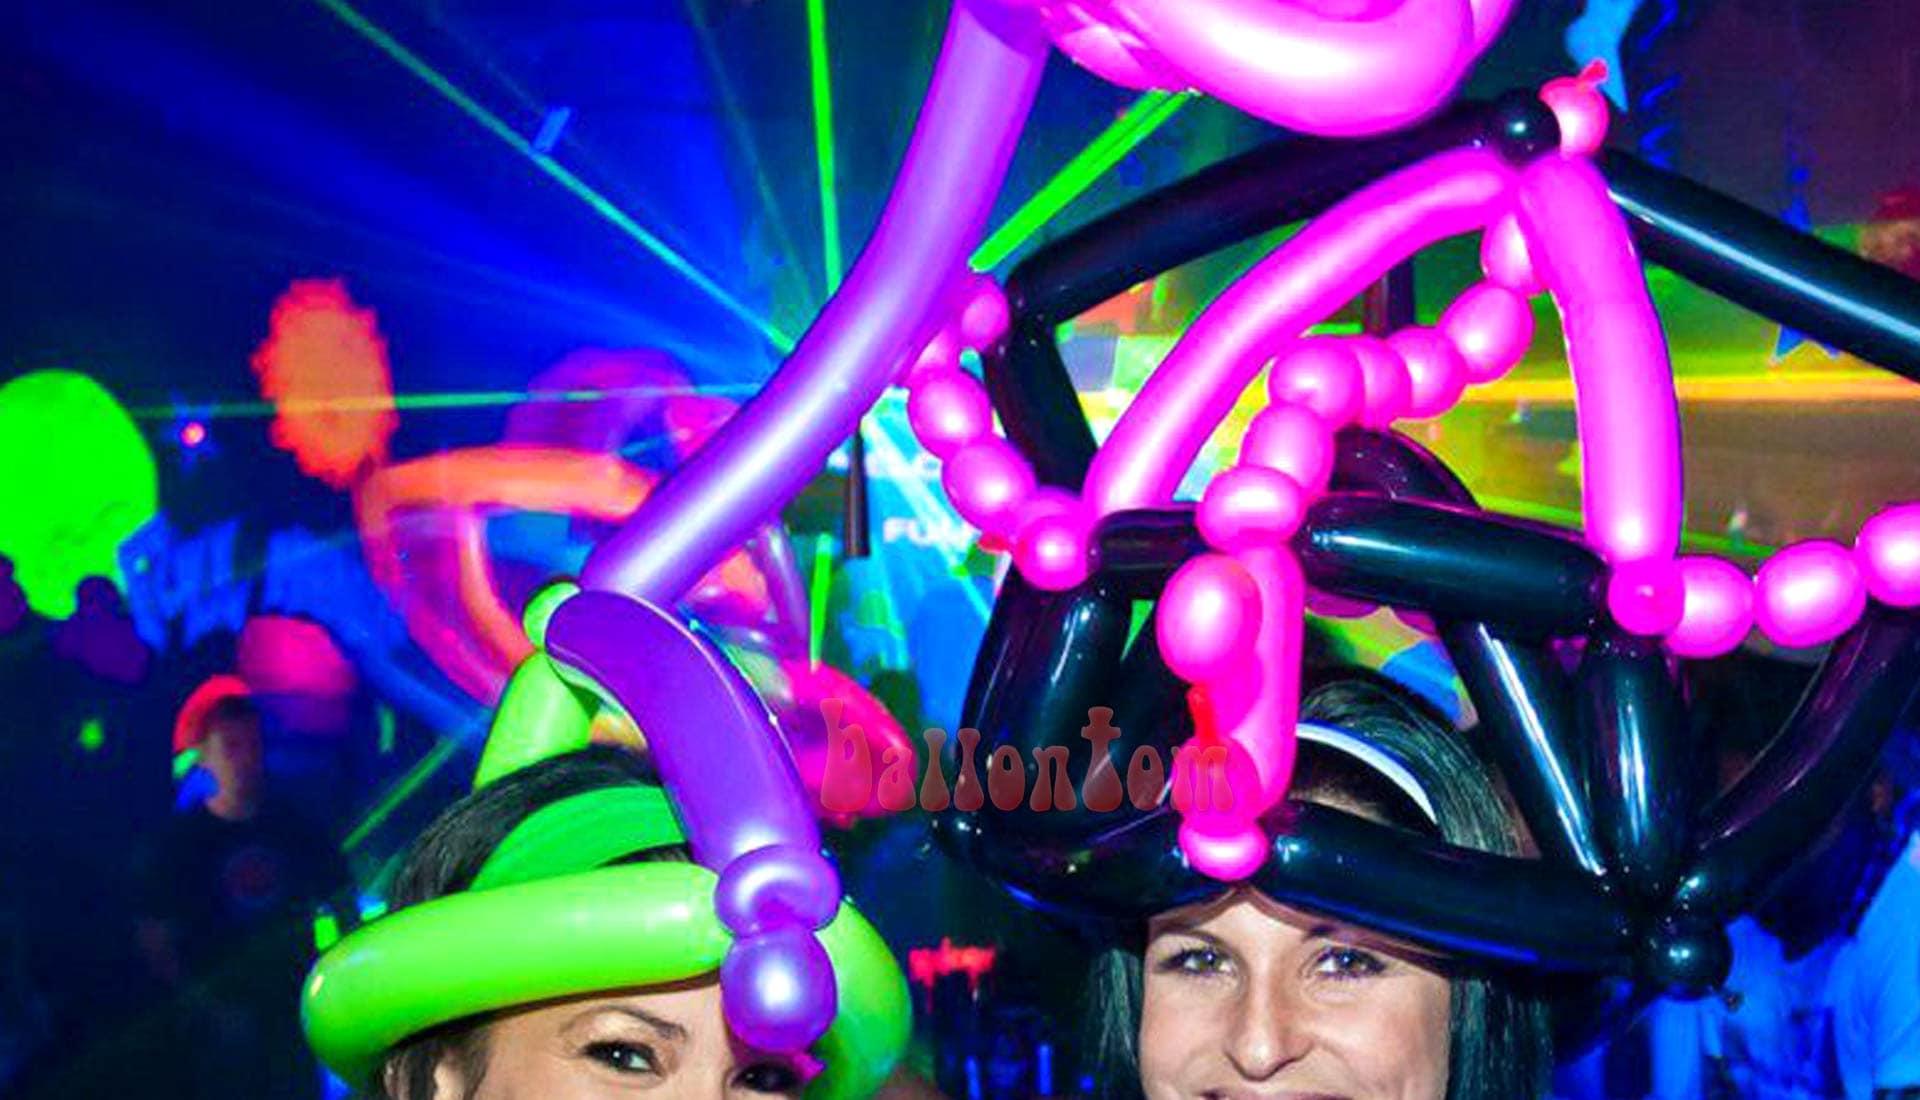 Ballon Neonparty mit Ballonkünstler ballontom